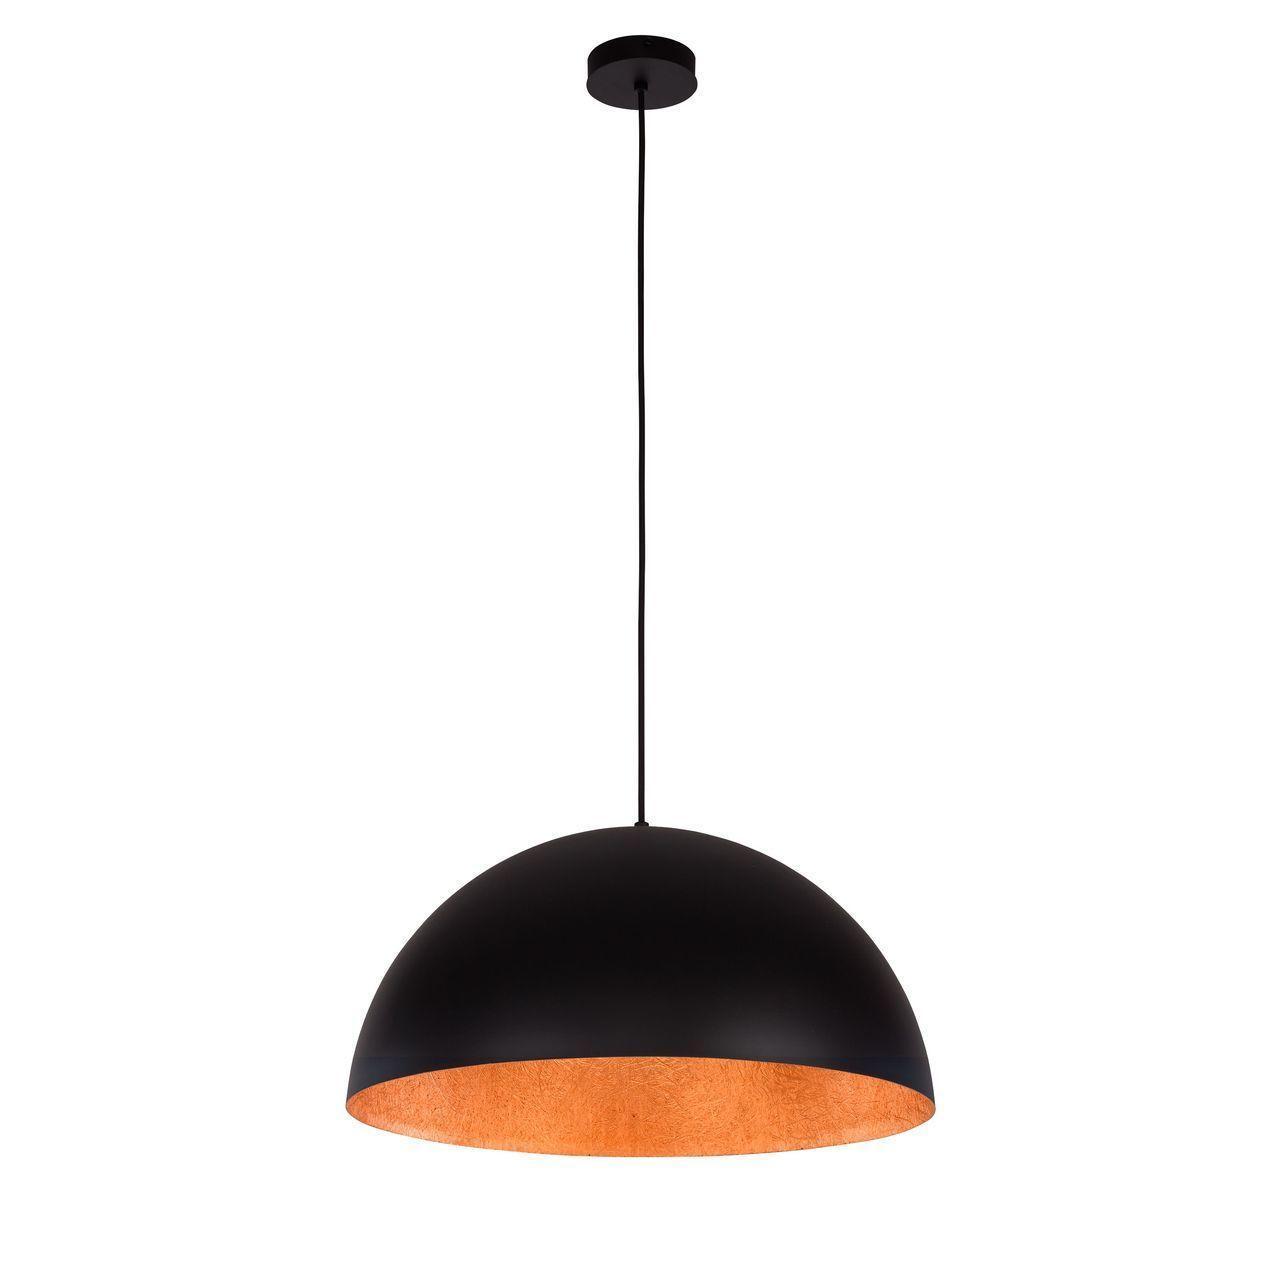 Подвесной светильник Spot Light Tuba 1030126 подвесной светильник spot light bosco 1711170